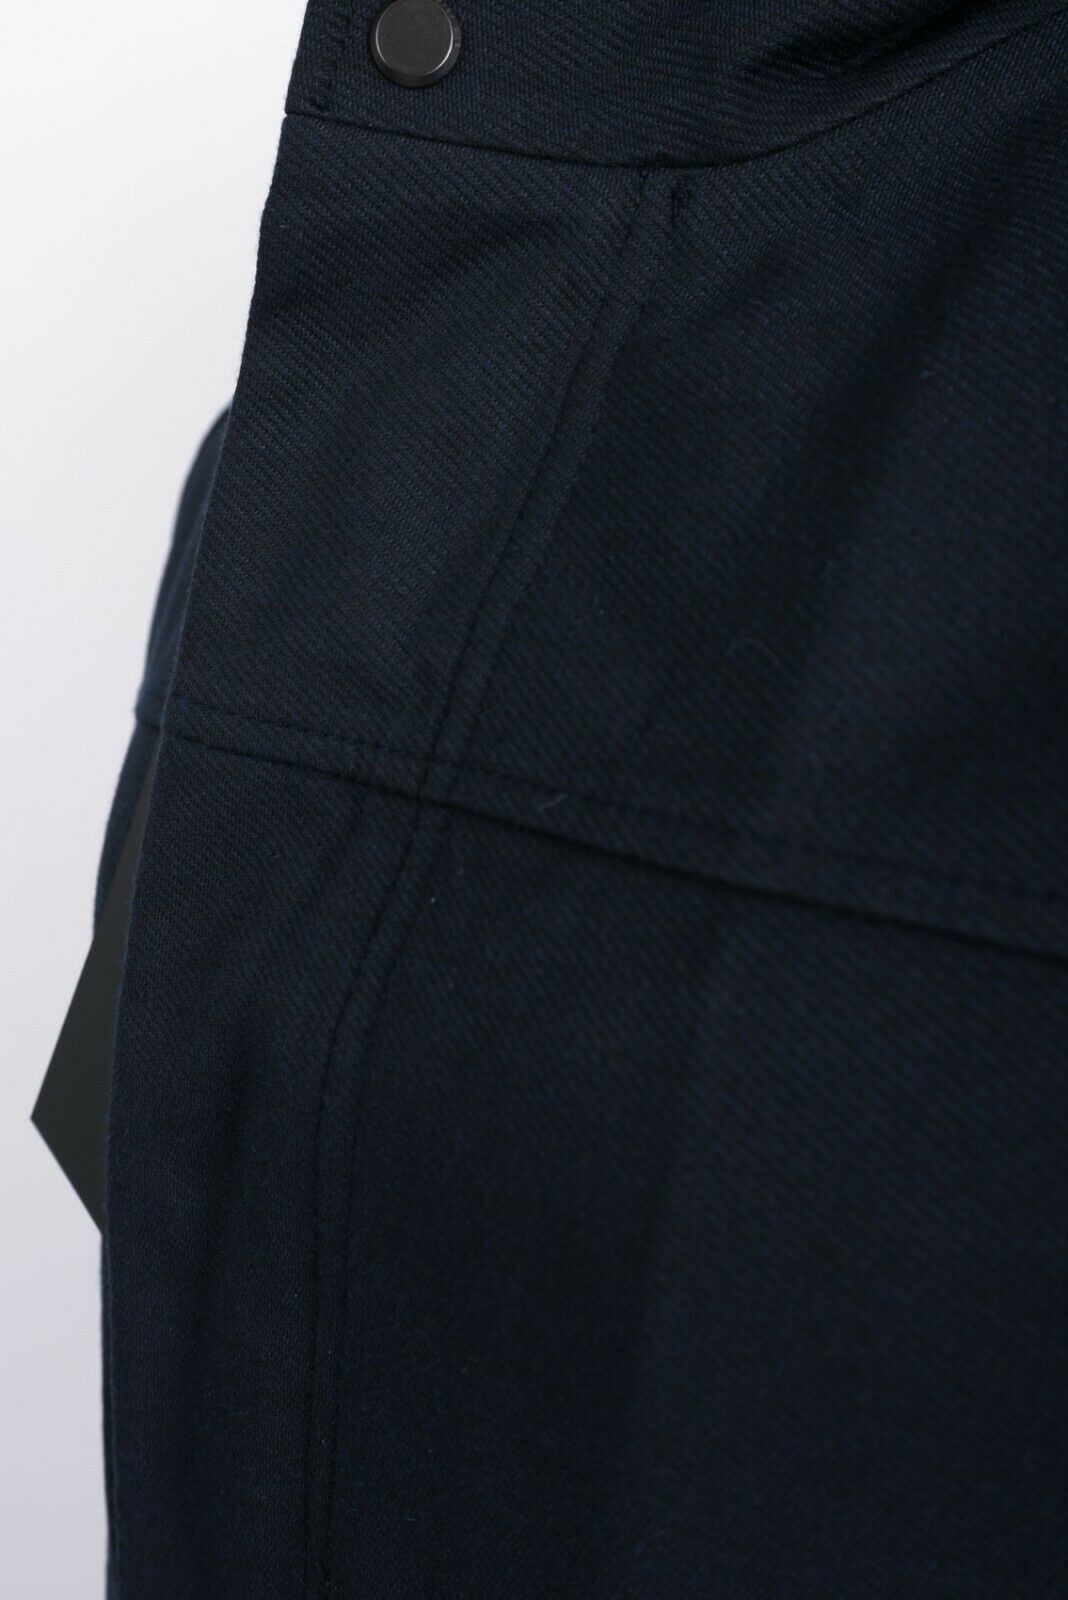 Zara Man Mens Jacket Coat Blazer Removeable Interior Navy Blue Gray Hooded NWT image 2